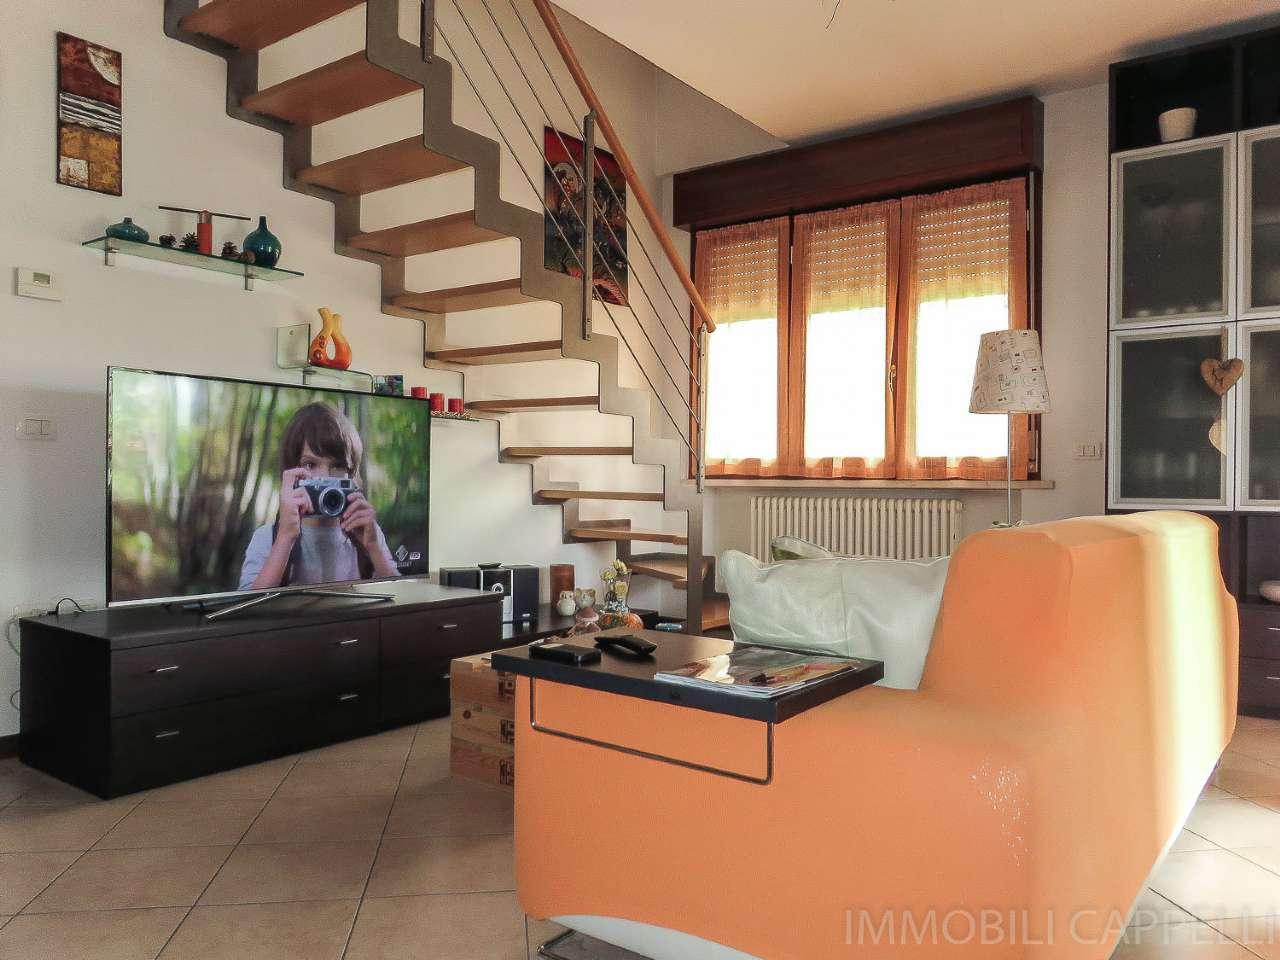 Appartamento in vendita a Forlimpopoli, 5 locali, prezzo € 185.000 | CambioCasa.it